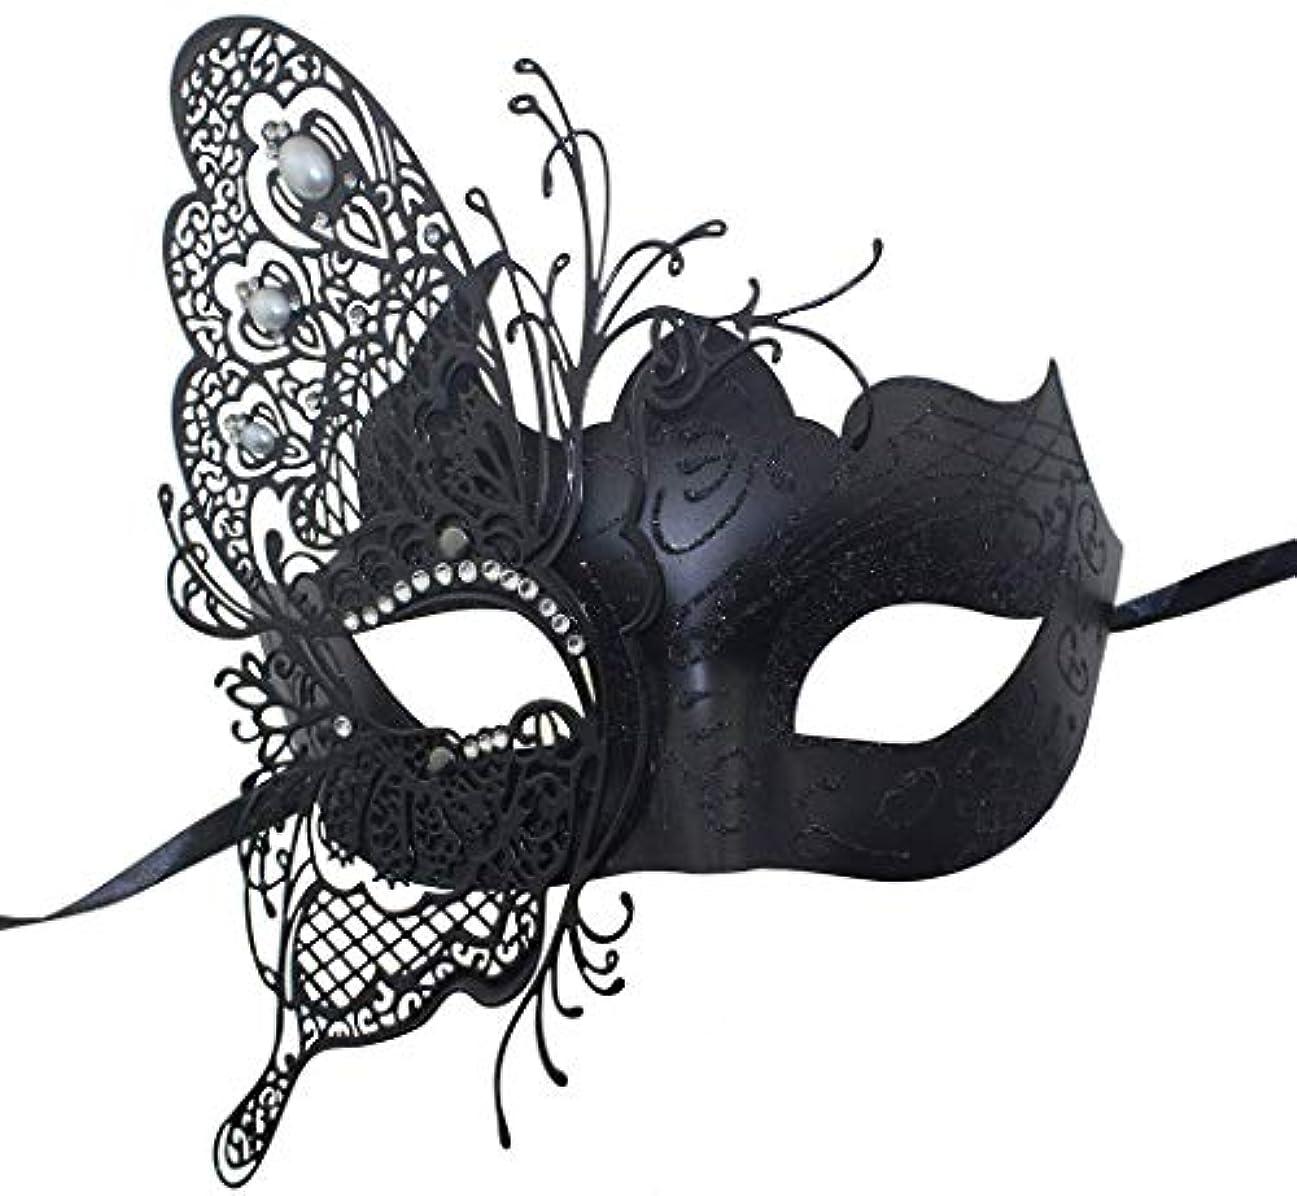 アッパー上向き処方するNanle 神秘的なヴェネツィアの蝶シャイニーバタフライレディマスカレードハロウィンマルディグラパーティーマスク (色 : 黒)